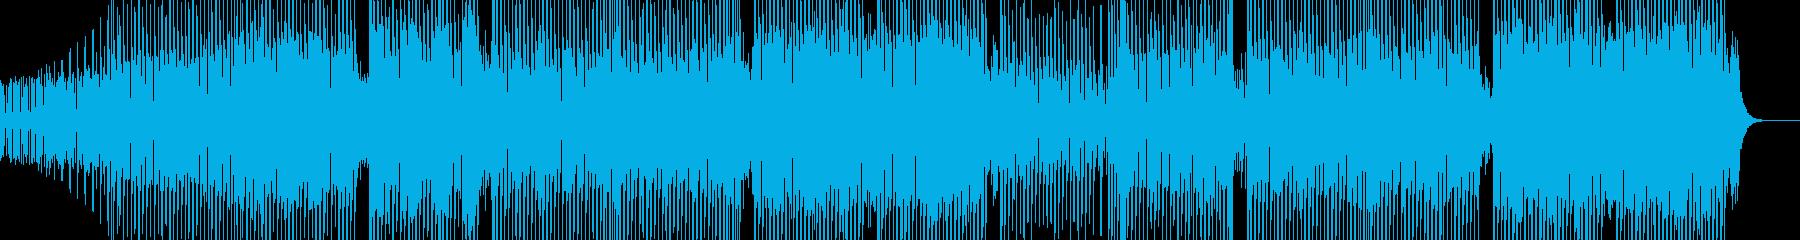 科学・浮遊感漂うテクノ 裏拍リズム Aの再生済みの波形